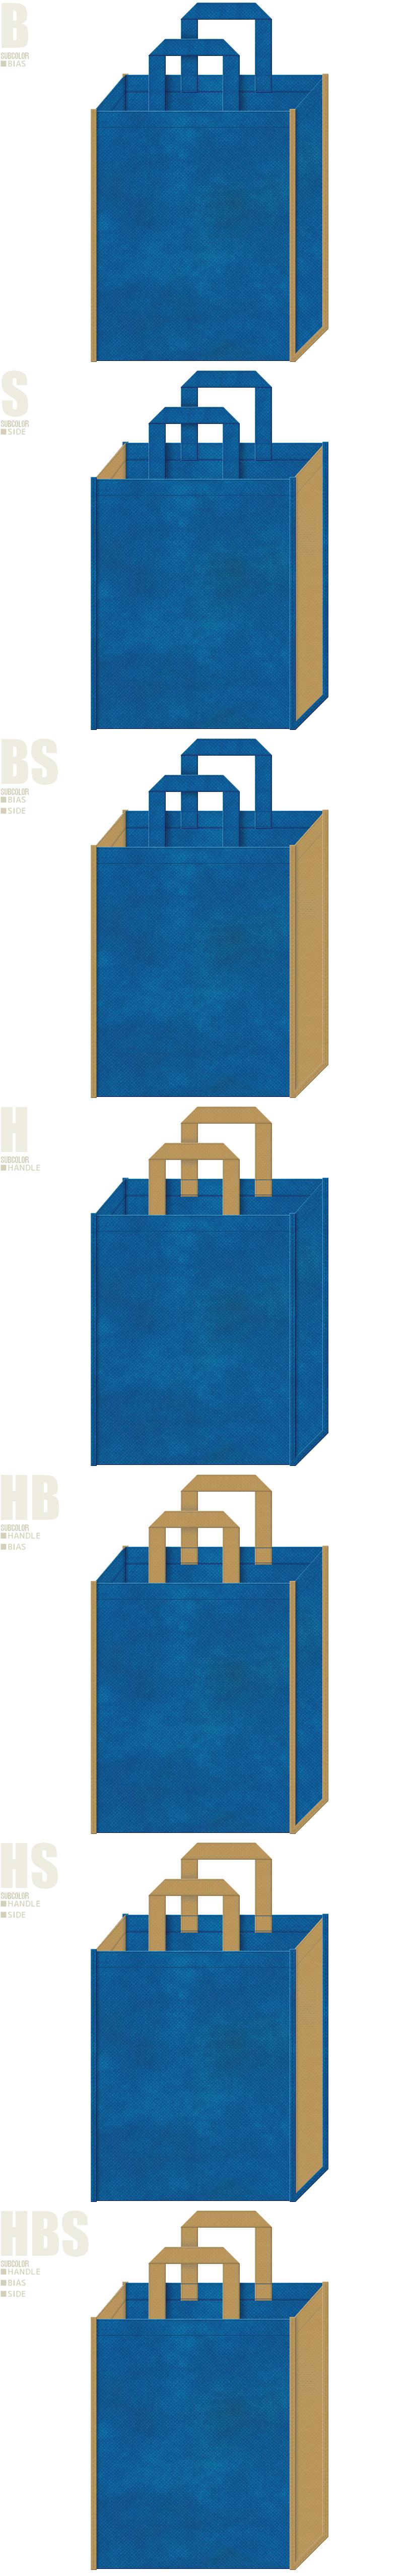 青色と金黄土色の不織布バッグデザイン:配色7パターン